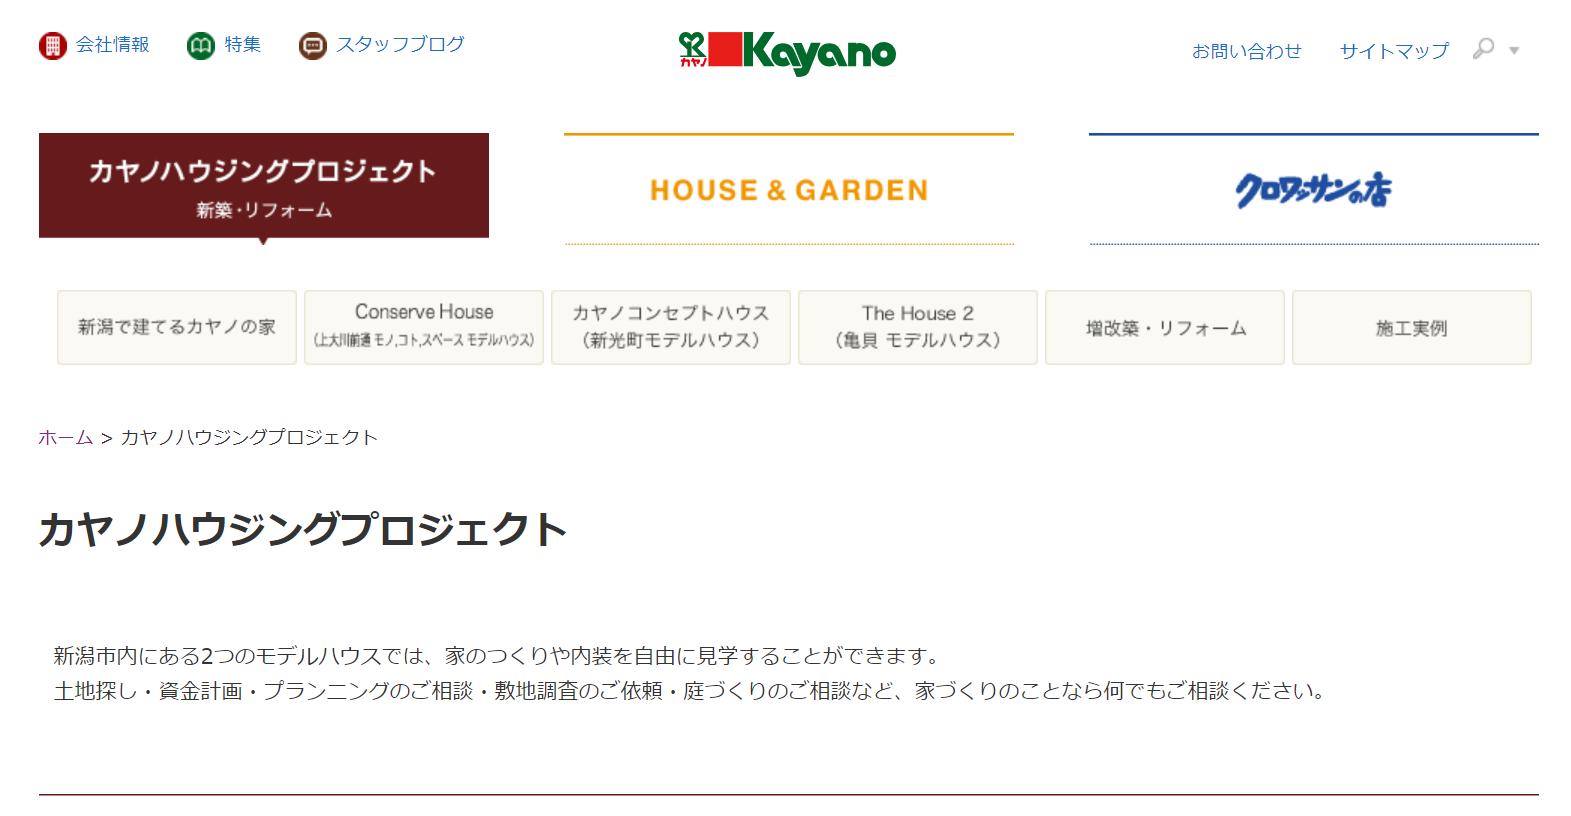 カヤノハウジングプロジェクトの評判・口コミ【新潟エリア】